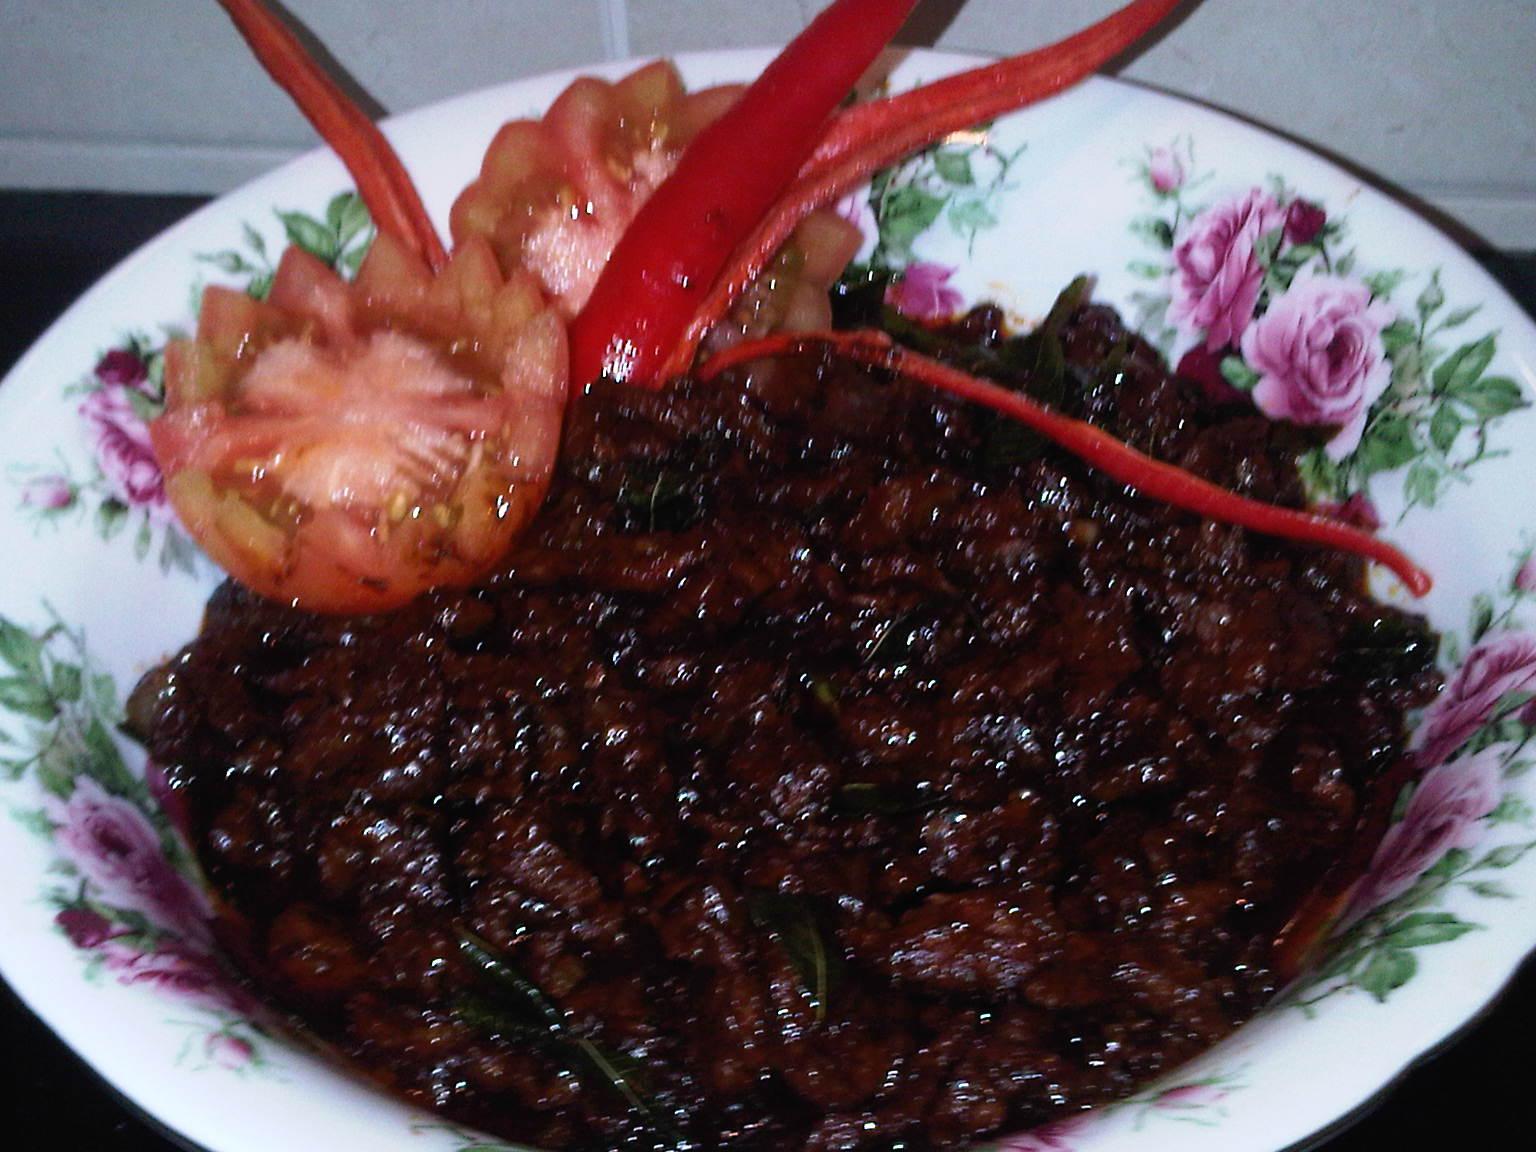 Dari Dapur Mak Jah Masak Kicap Daging Mamak Style